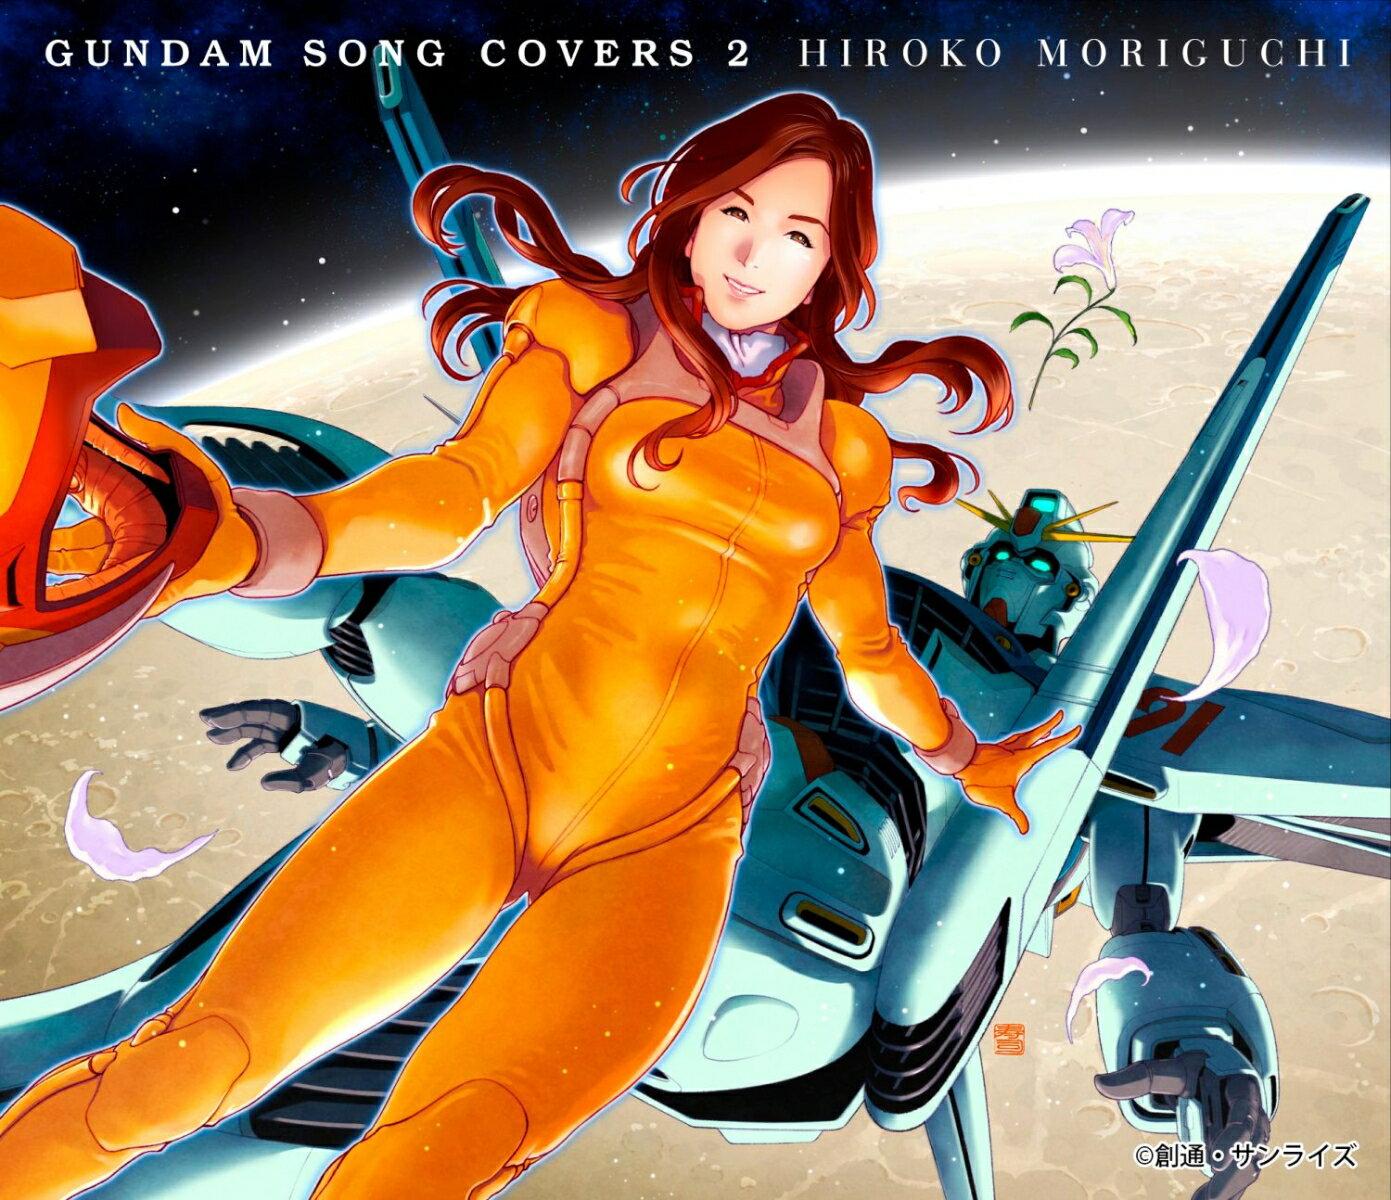 邦楽, ロック・ポップス GUNDAM SONG COVERS 2